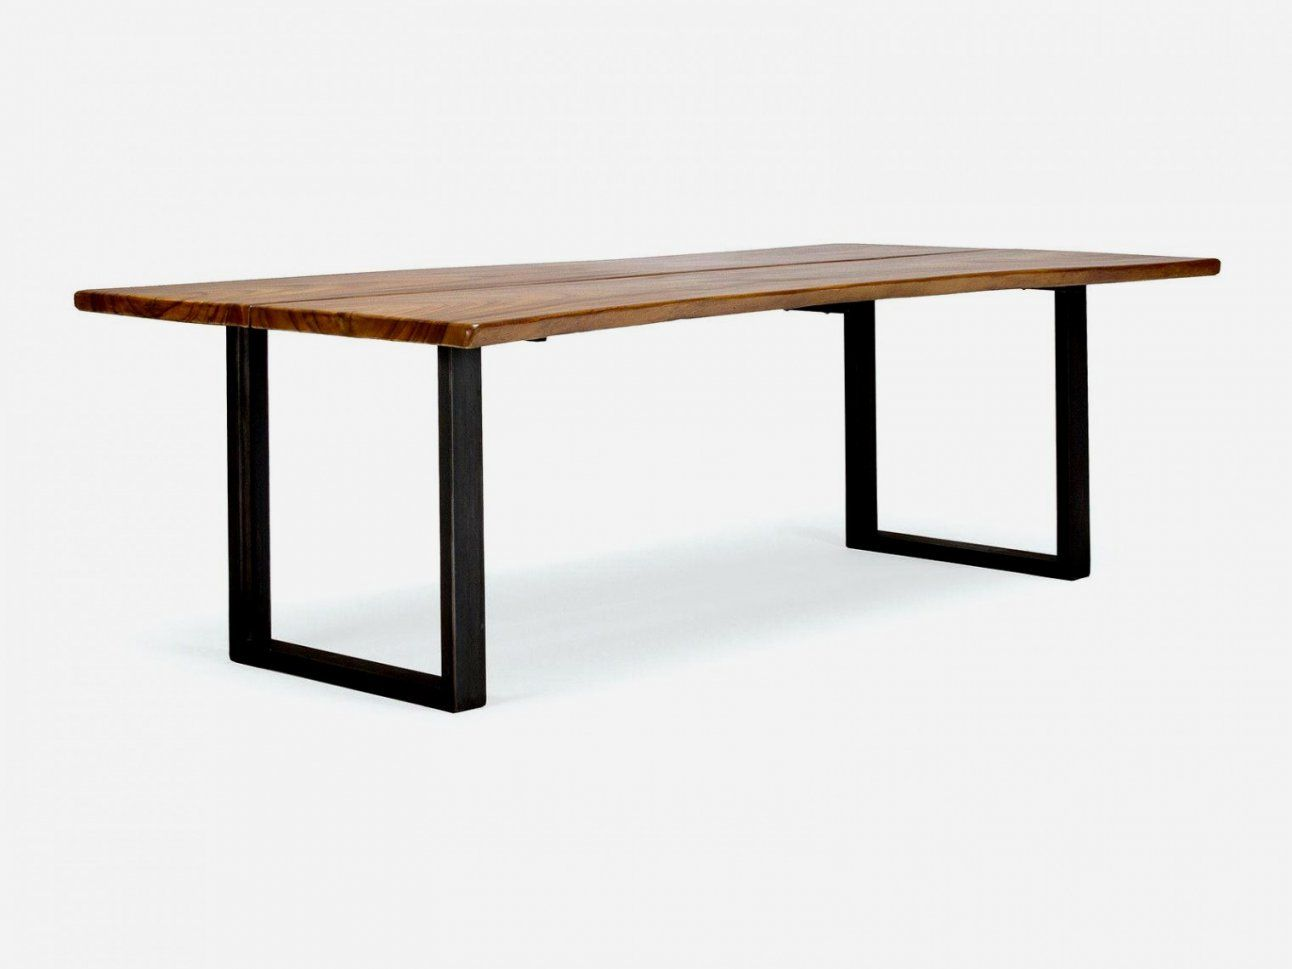 Tisch Metall Tisch Weiss Naturholz Esstisch Industrie Weiss Tisch